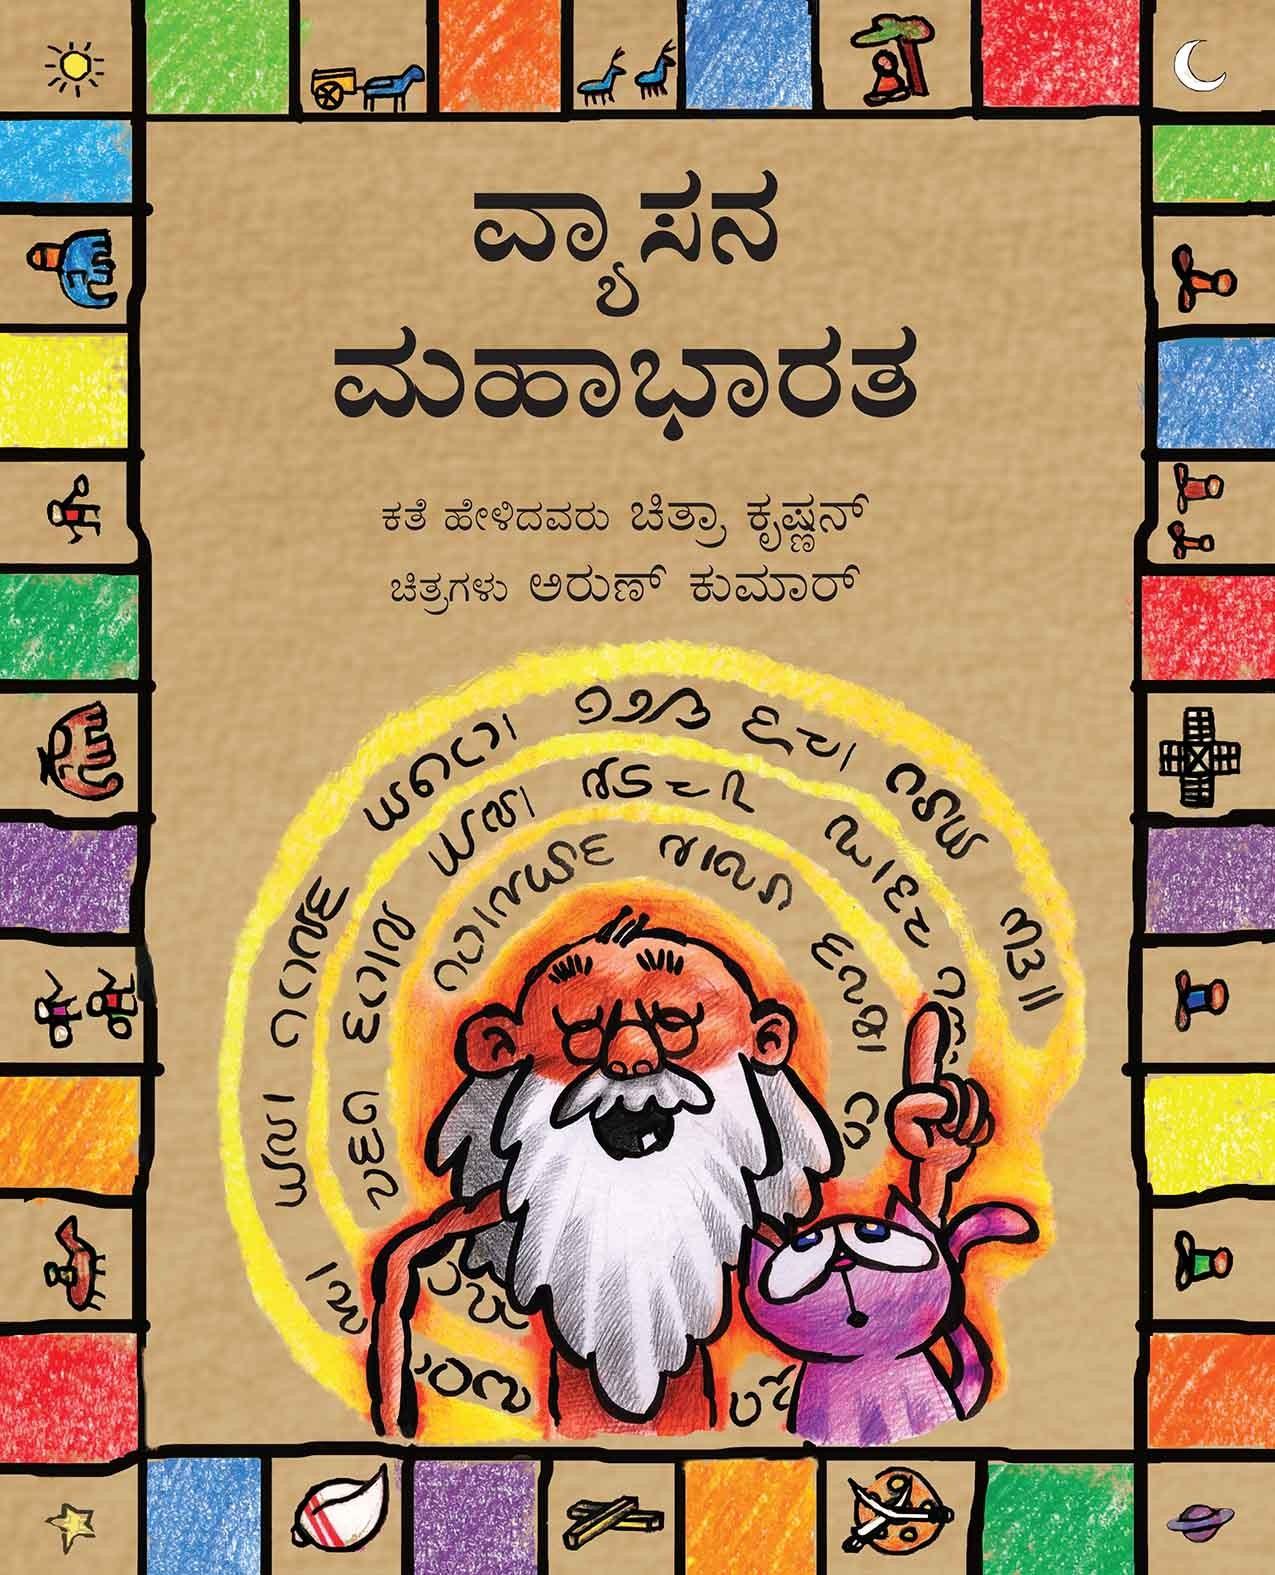 Vyasa's Mahabharata/Vyasana Mahabharata (Kannada)